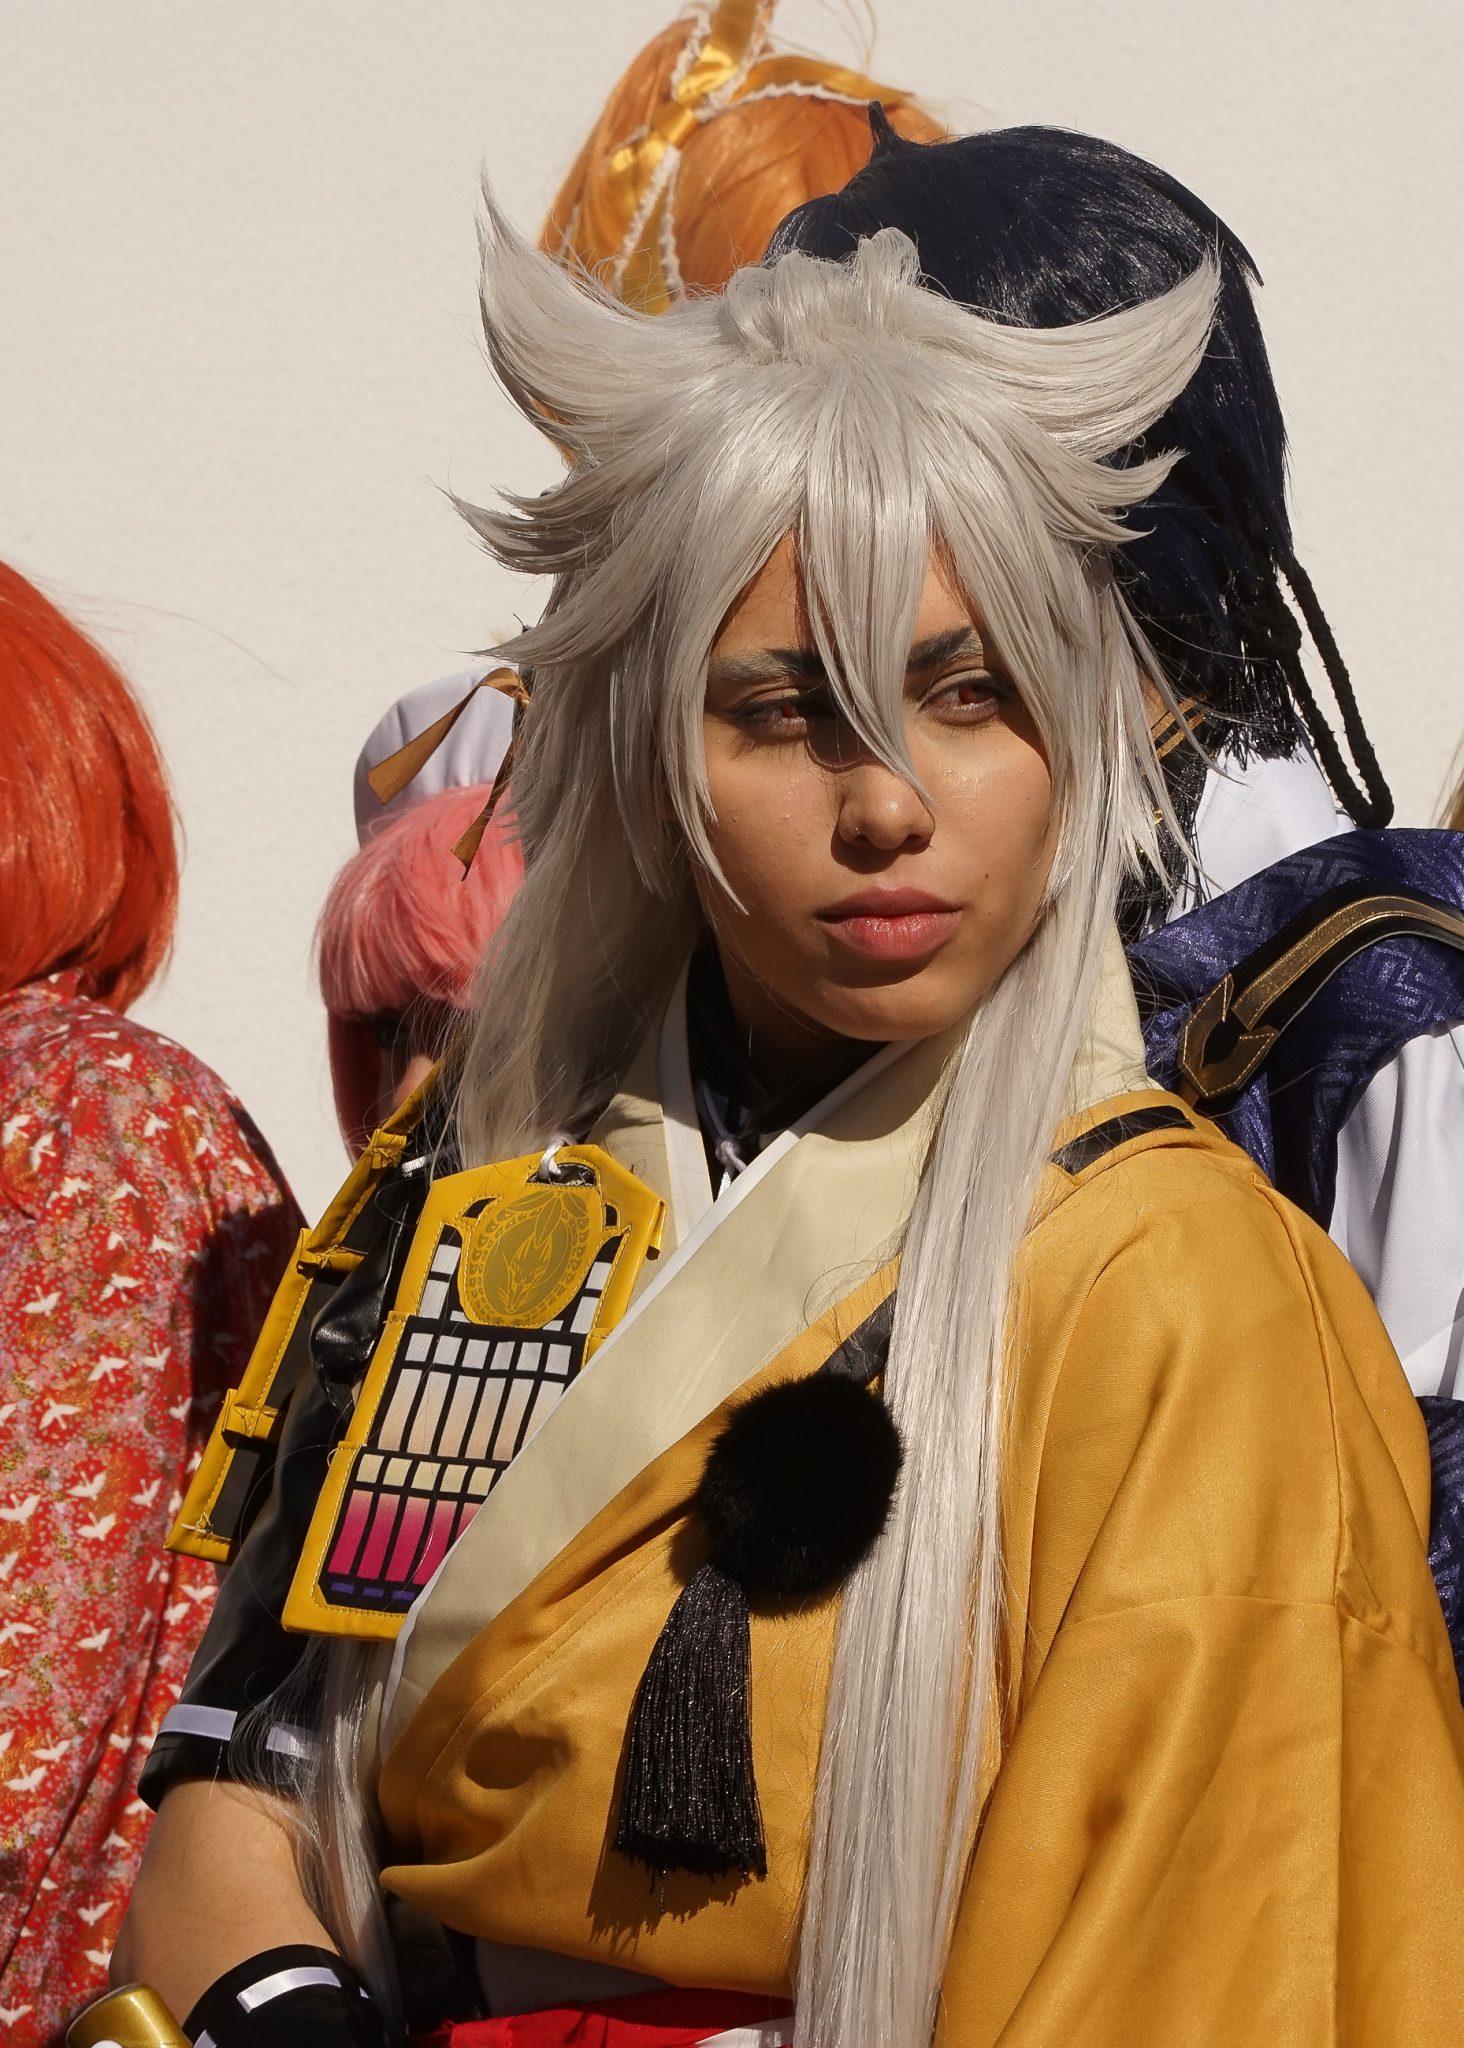 Mulher praticante de cosplay com uma peruca branca.